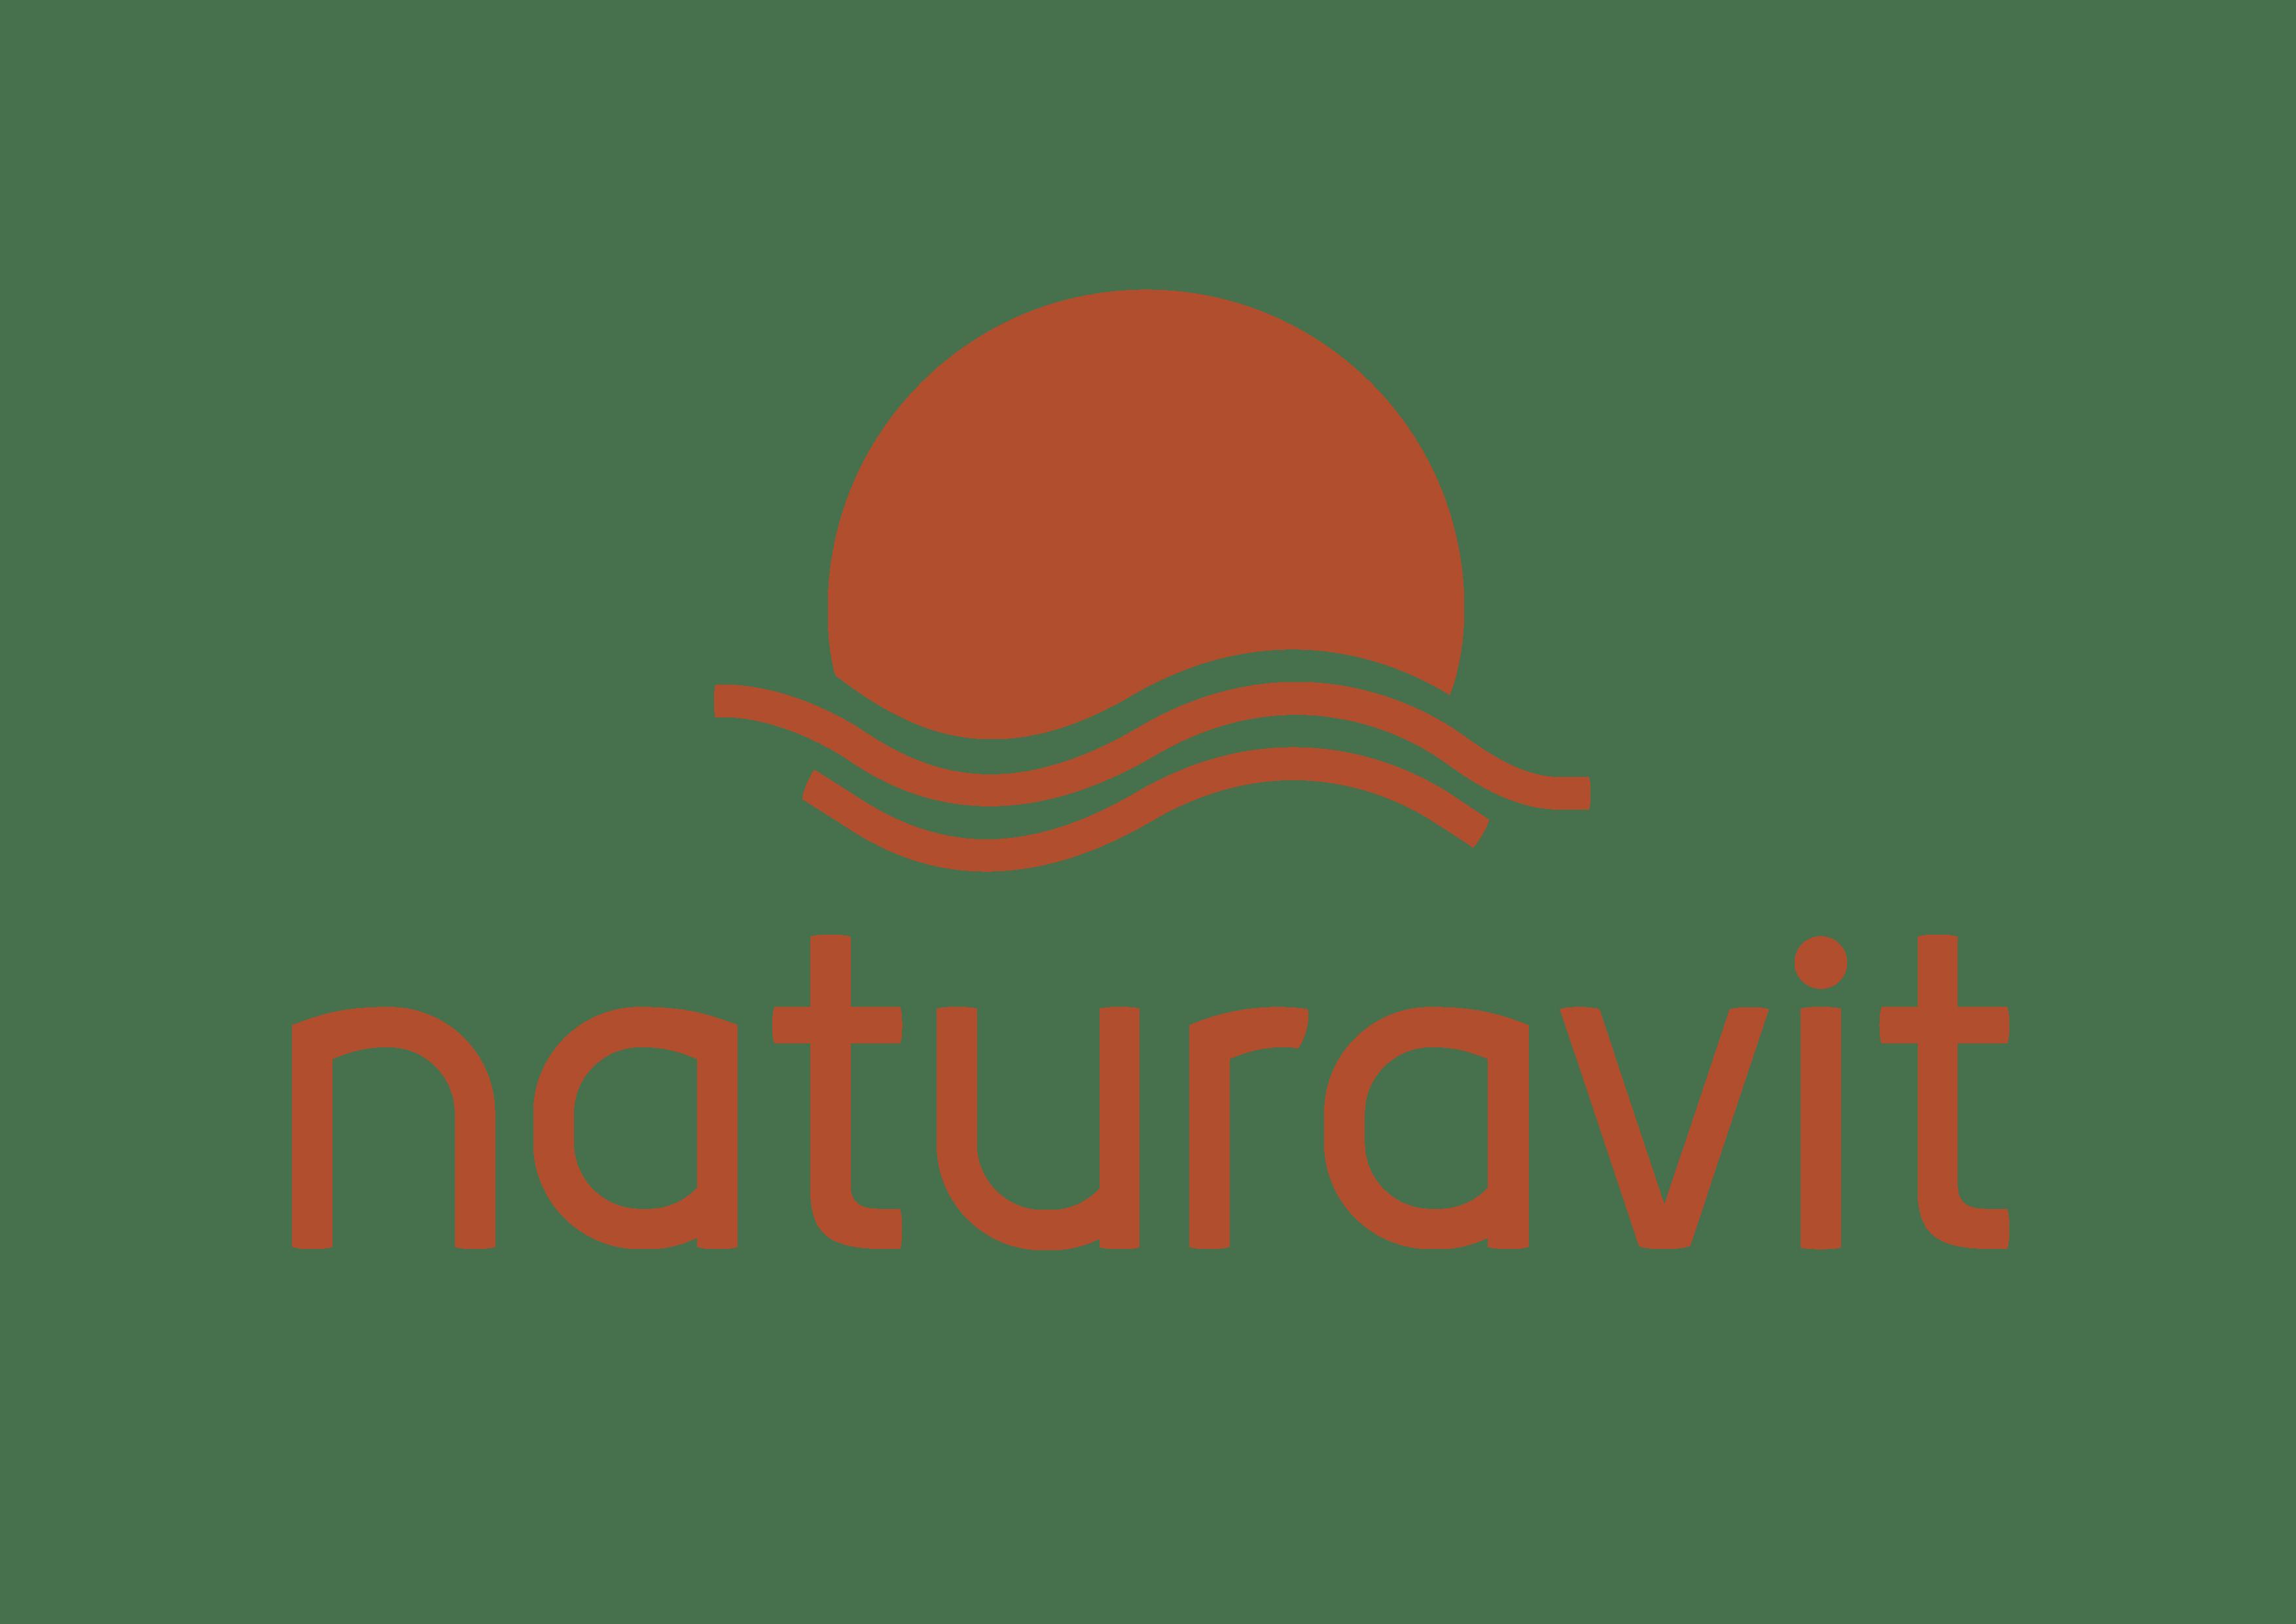 Naturavit